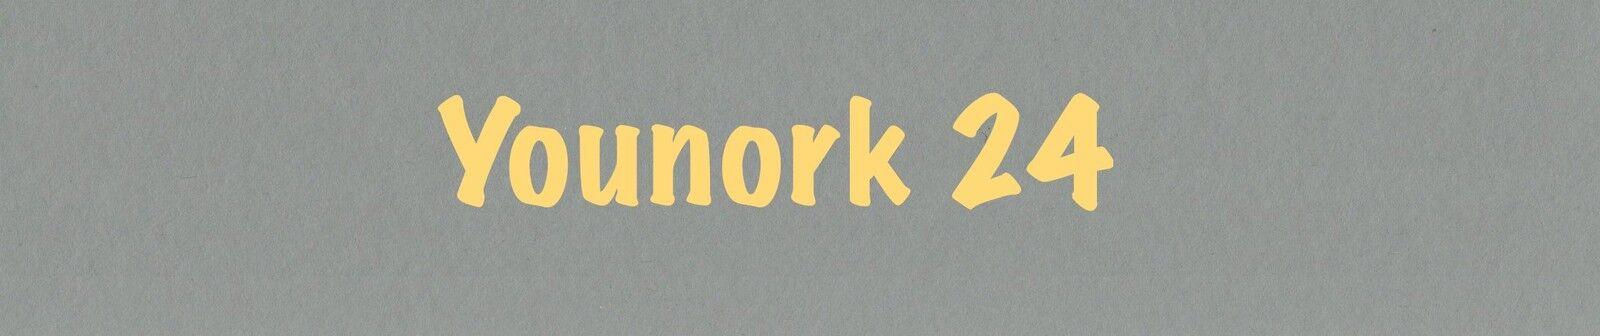 younork24